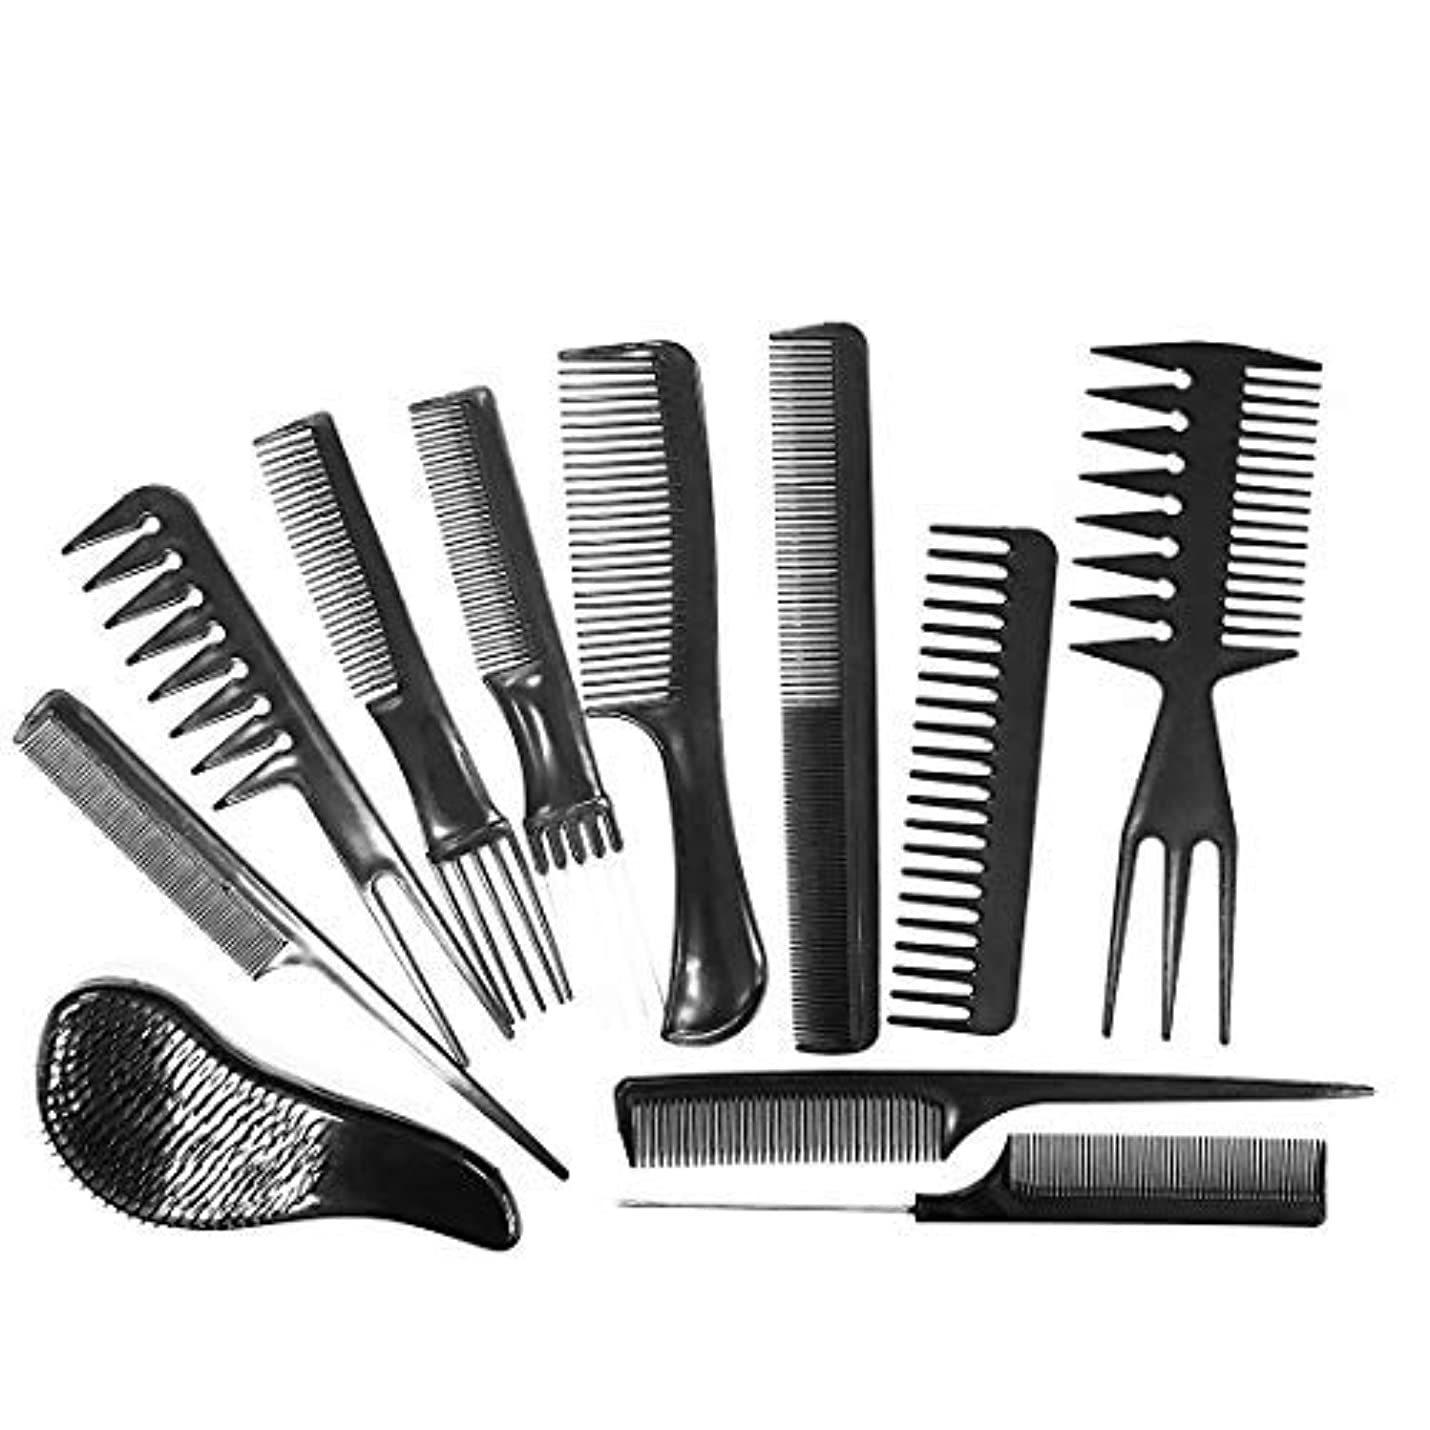 勝利のぞき見同意するDaimay Professional Hair Styling Comb Set Hair Styling Clips Salon Hair Styling Barbers Comb Set Variety Pack...